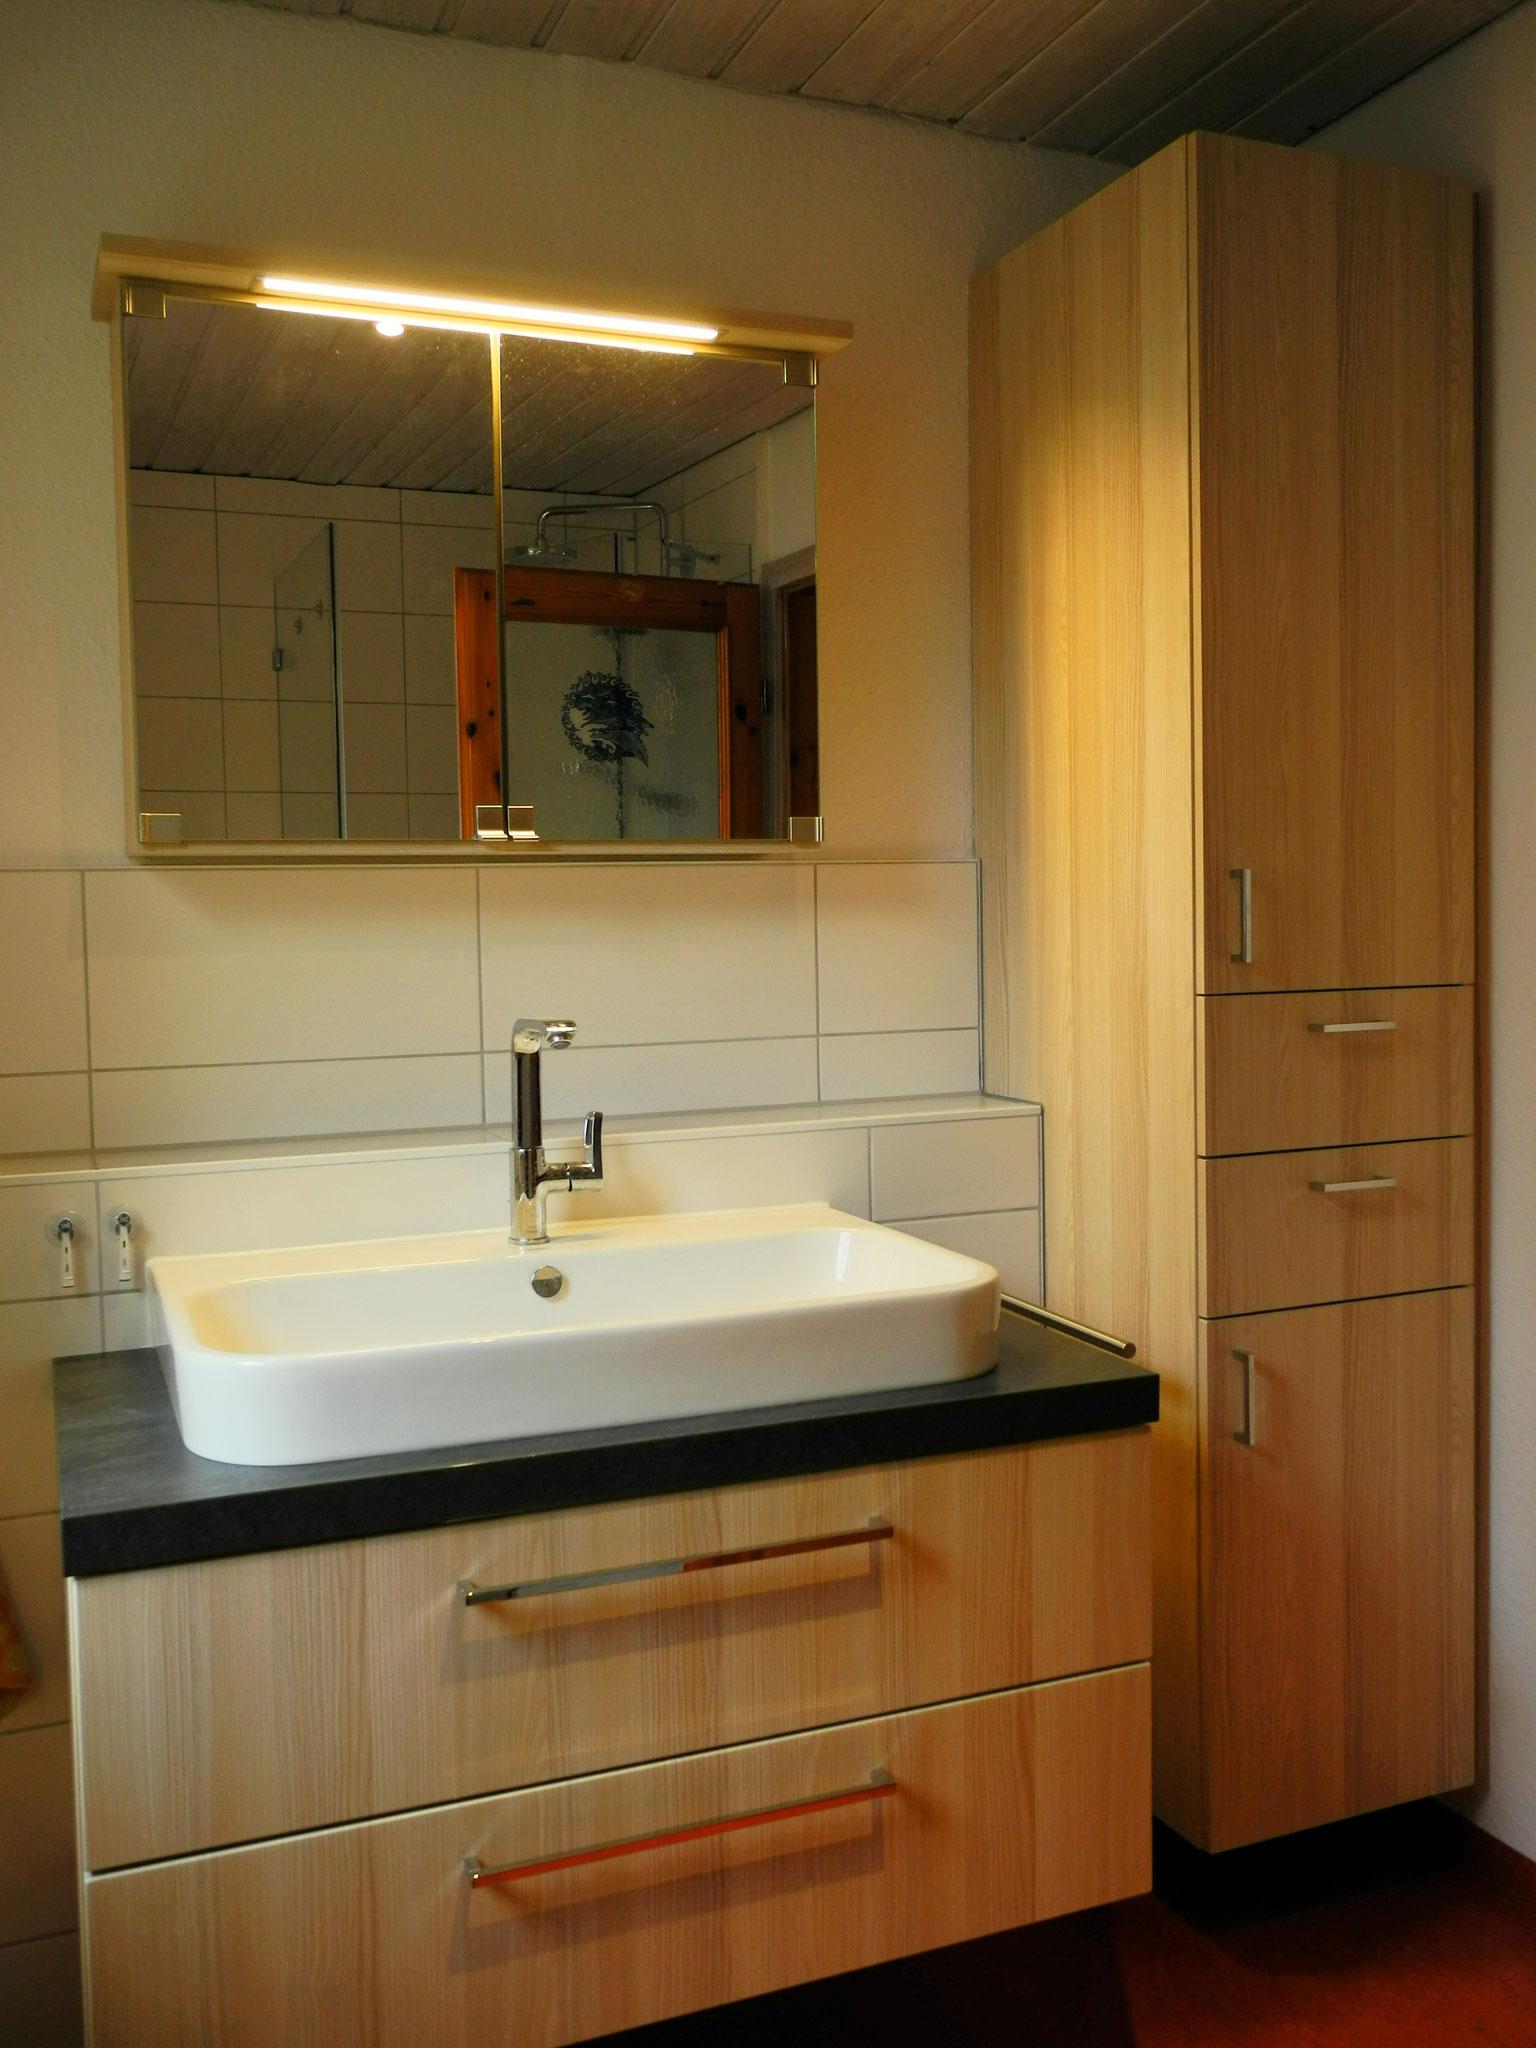 Spiegelschränkchen mit Leuchte und hängender Schrank, passend zum Waschtisch, geschlossen